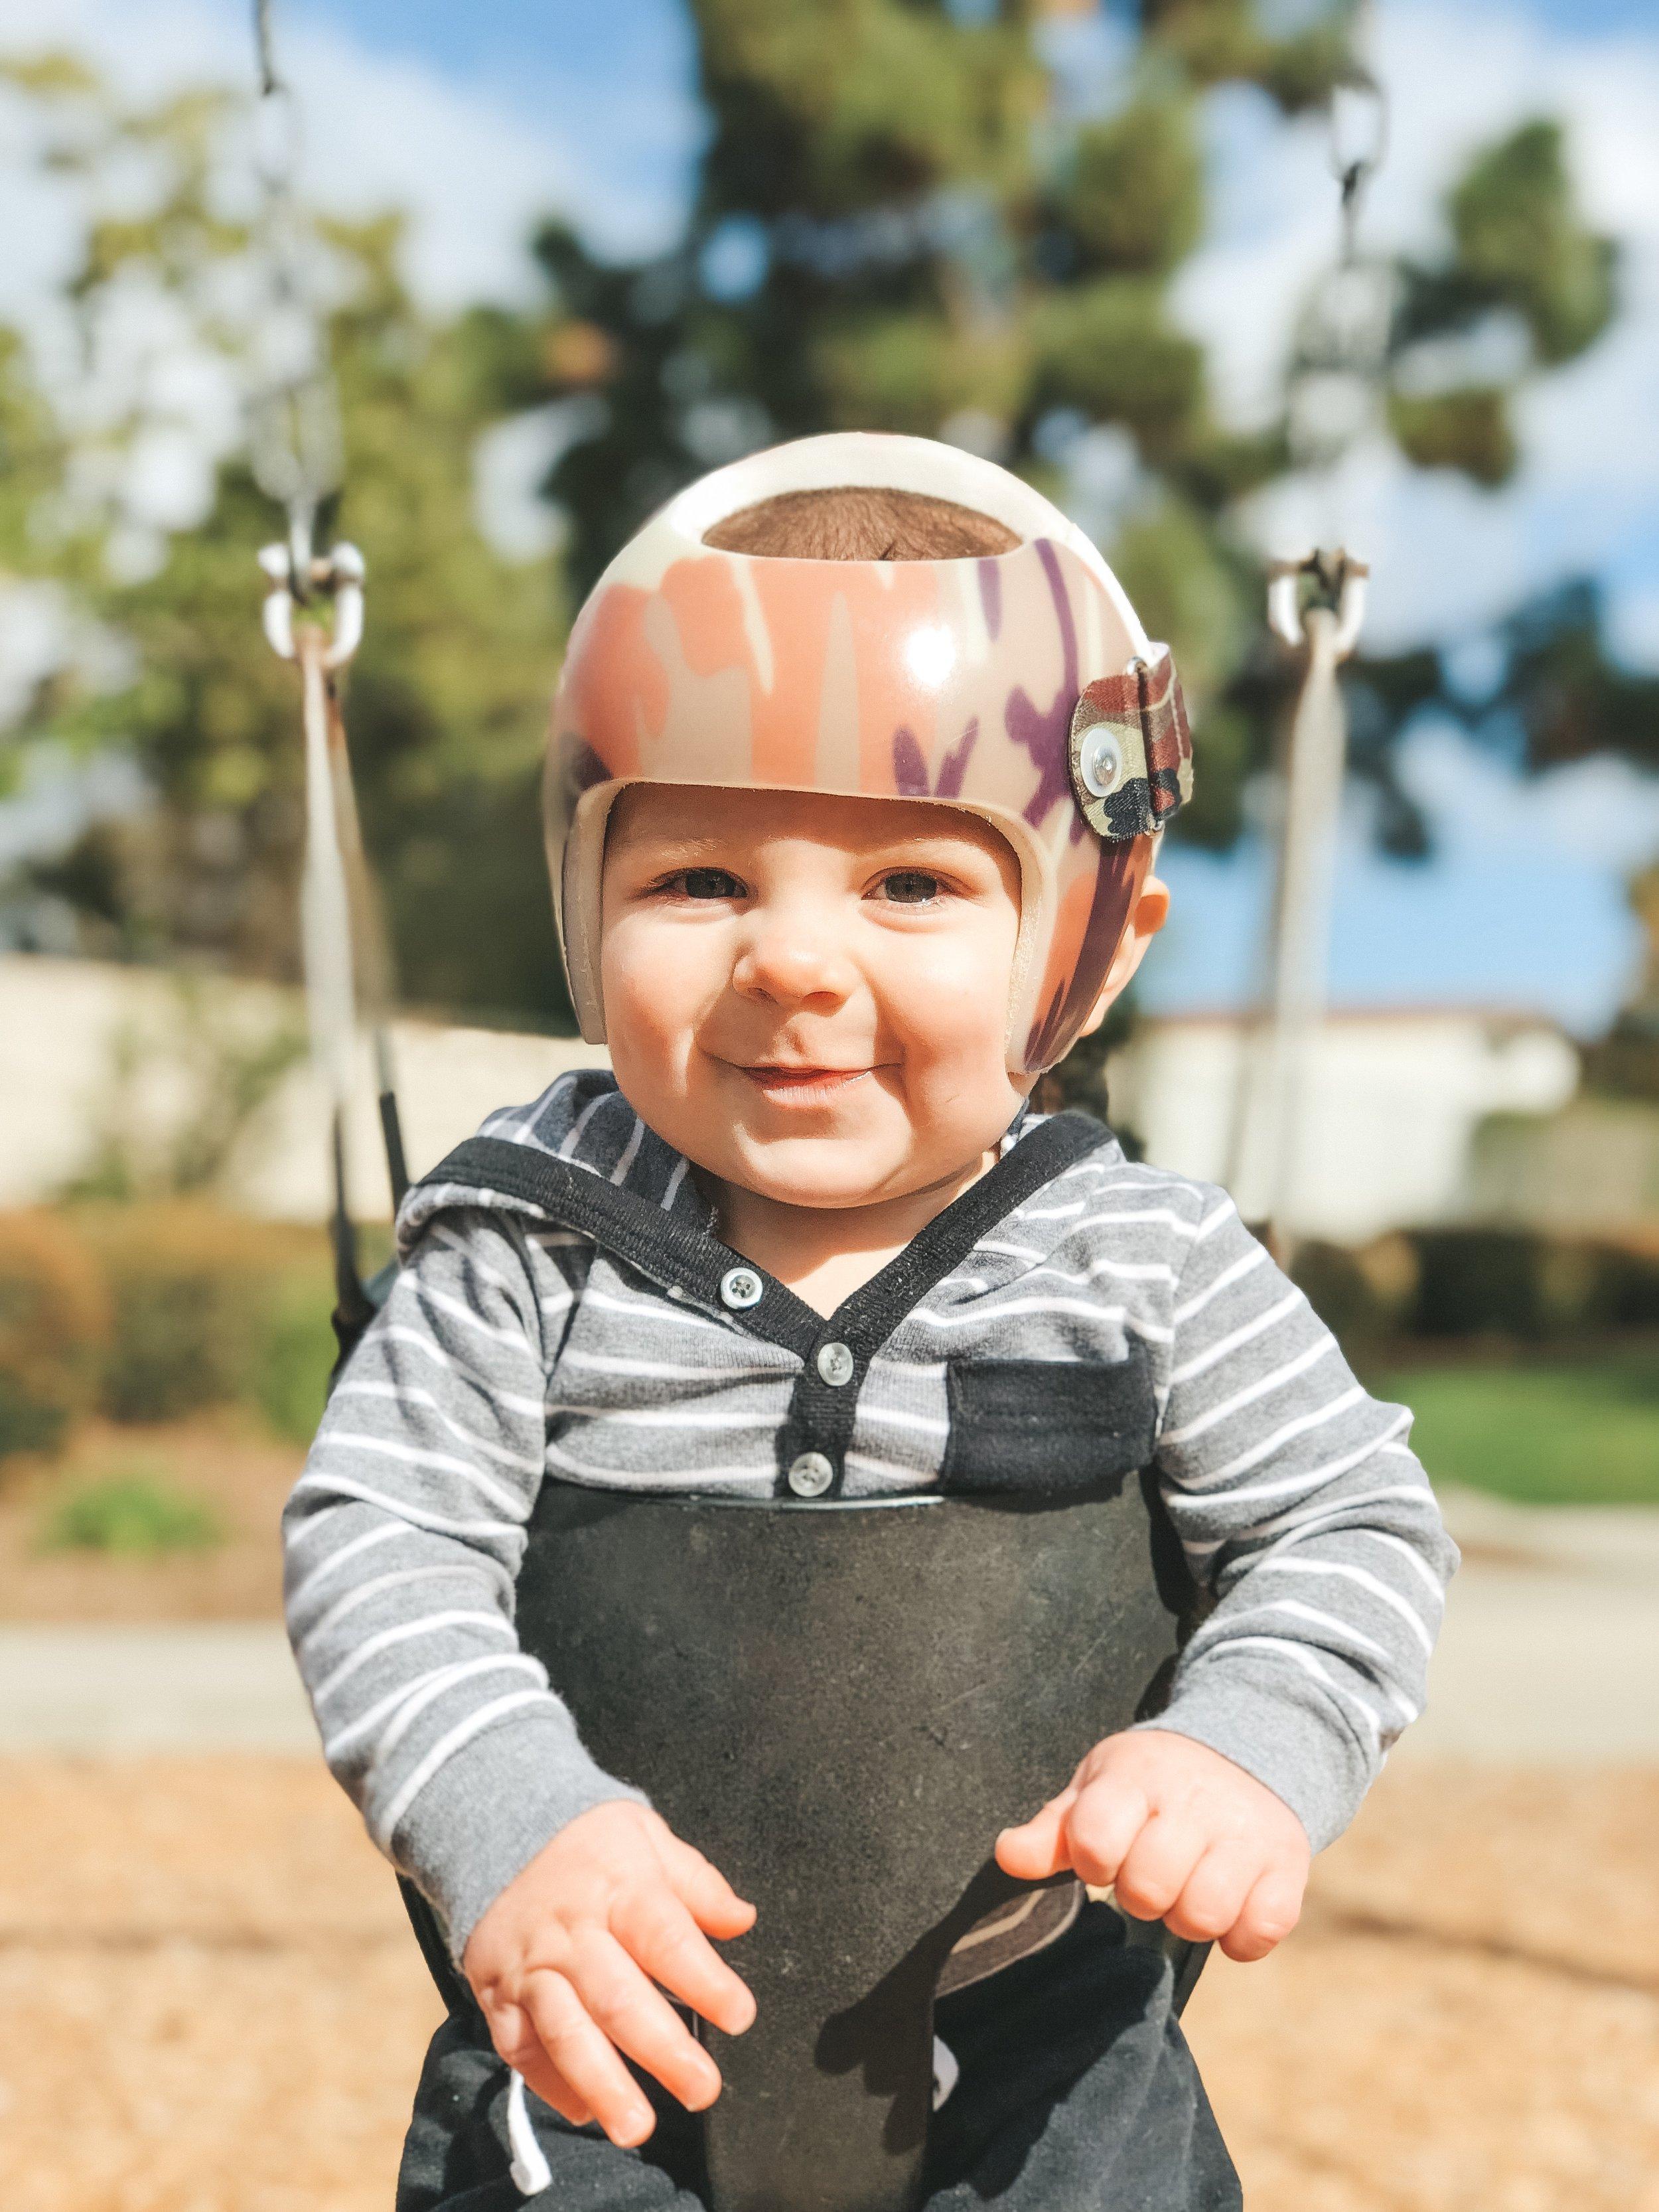 Jett Jones 10 month update.  Camoflauge STARband helmet from Hangar clinic.  Helmet treatment for Plagiocephaly.